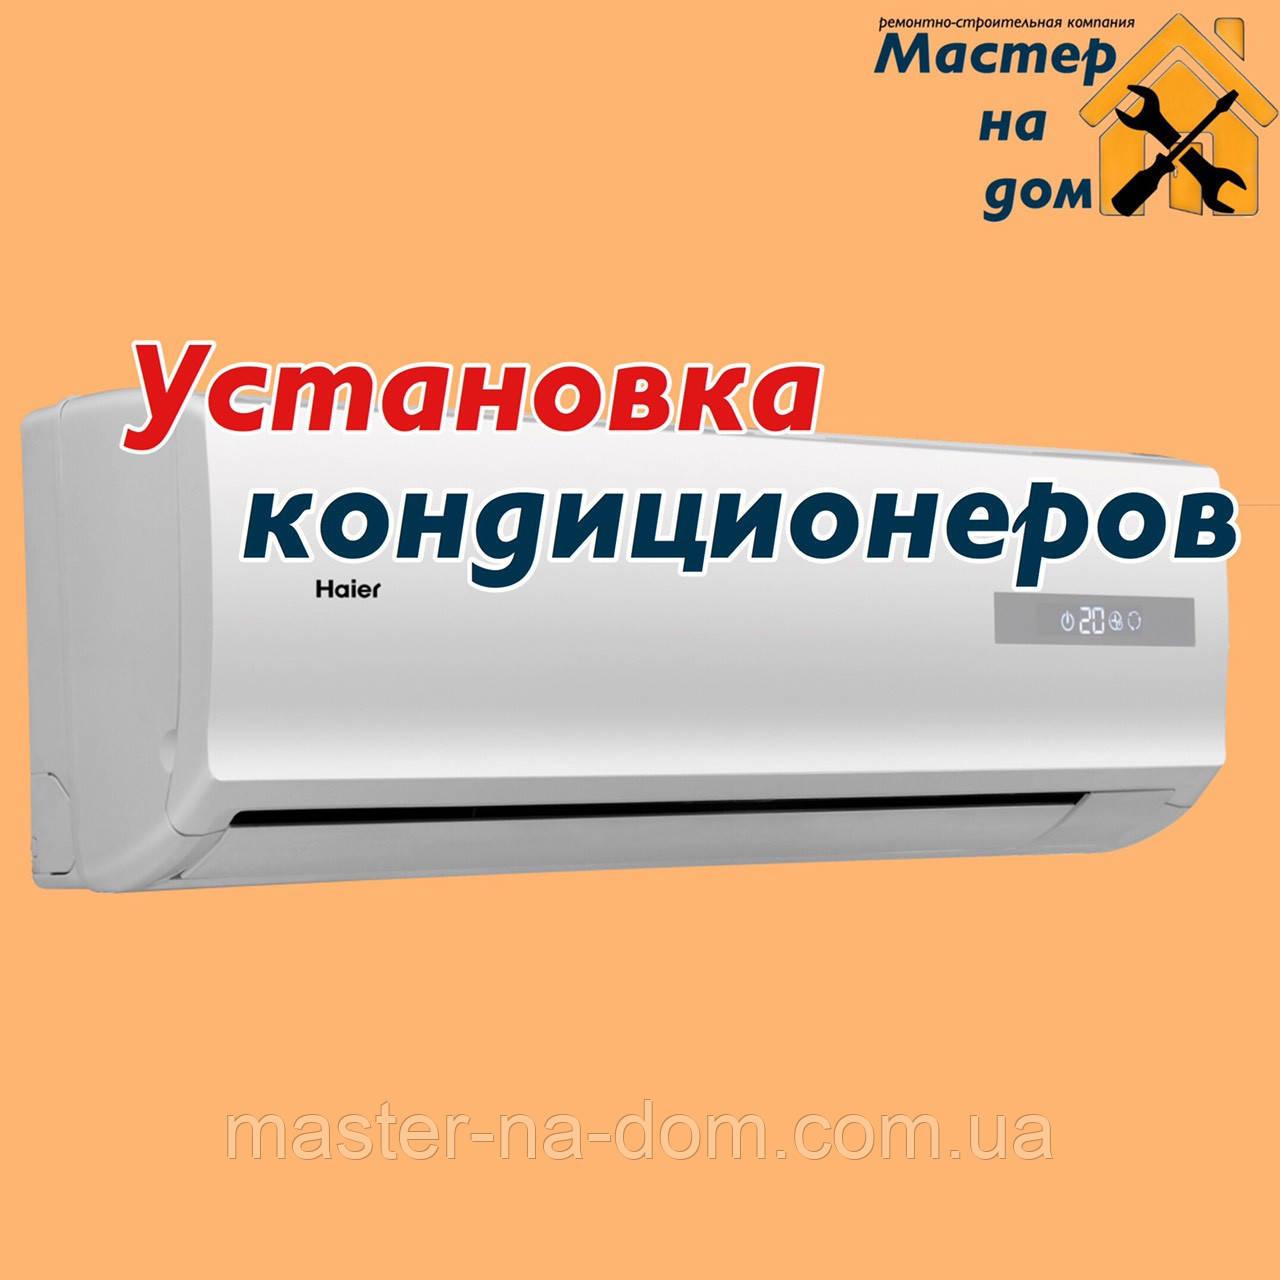 Установка кондиционера в Хмельницком, фото 1